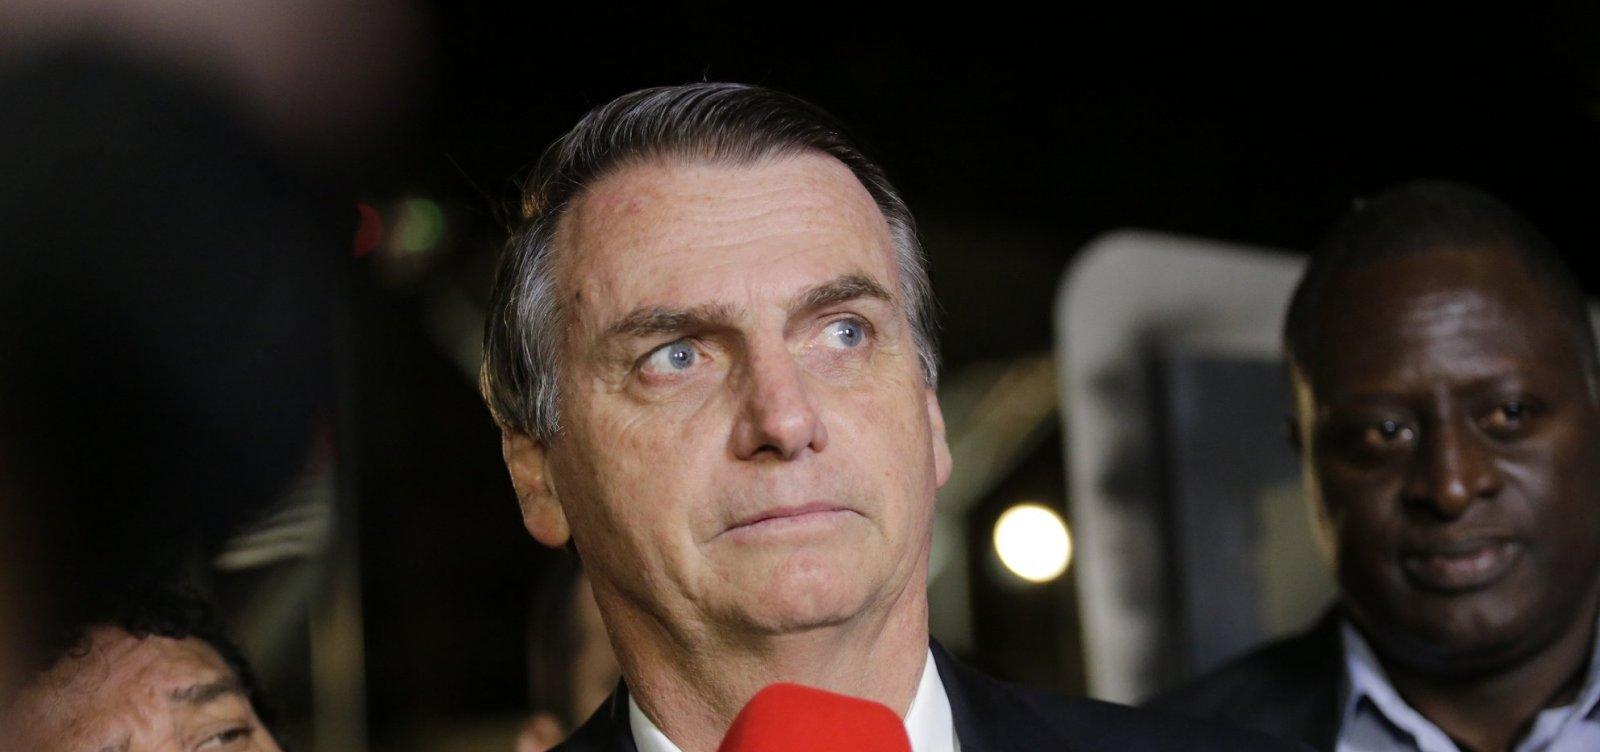 [Partidos de centro consideram se unir em federação para sobreviver a Bolsonaro]